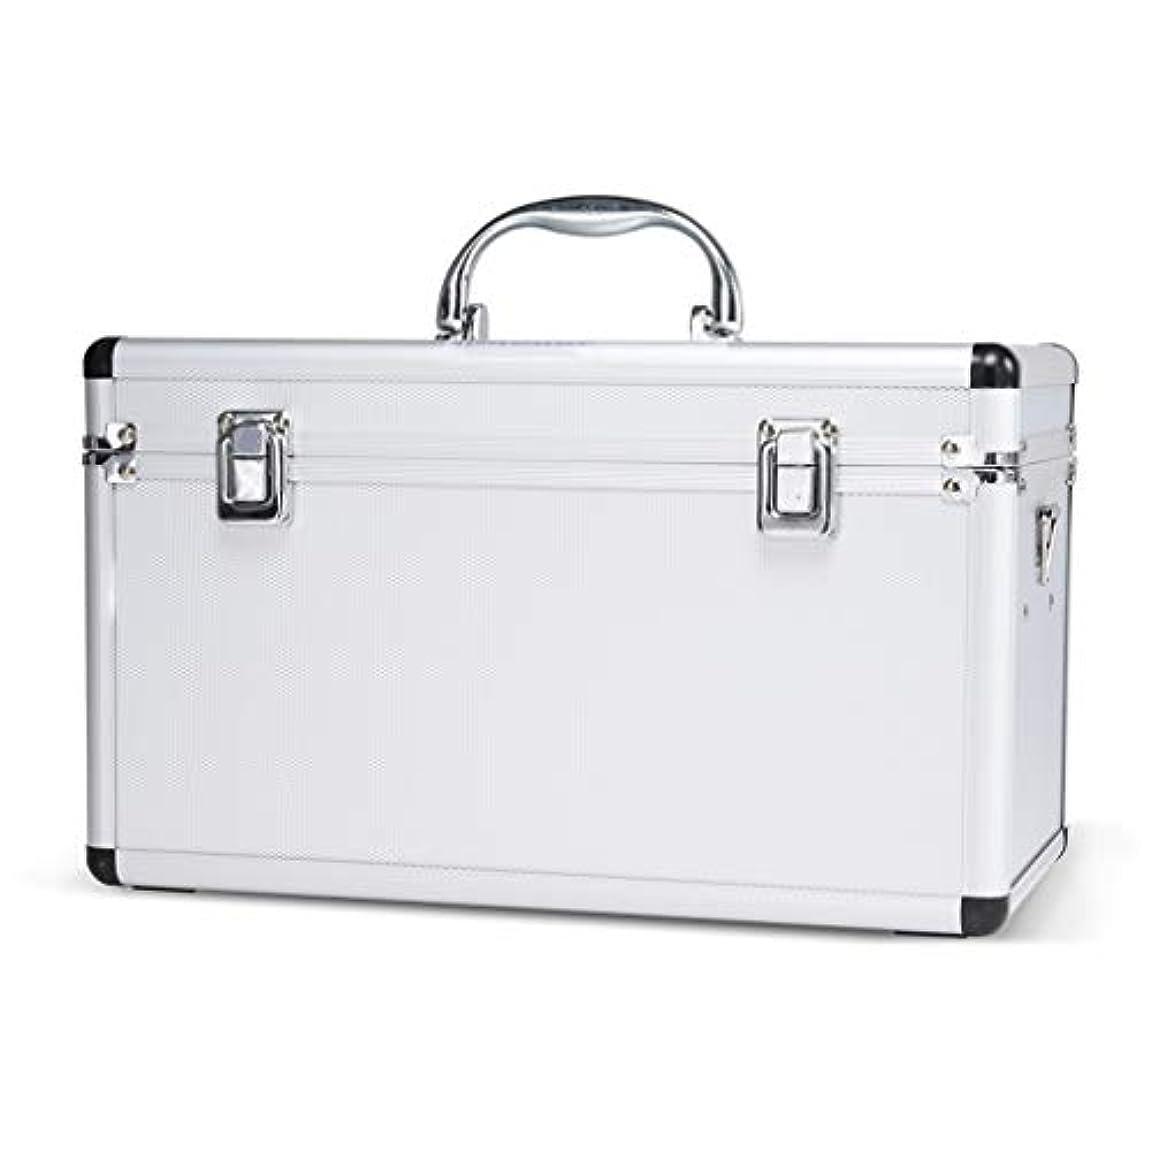 不明瞭上院慎重にXuping shop 応急処置キットのアルミ合金の医療用箱、世帯の13インチの医療用容器、緊急のキットのキャビネット